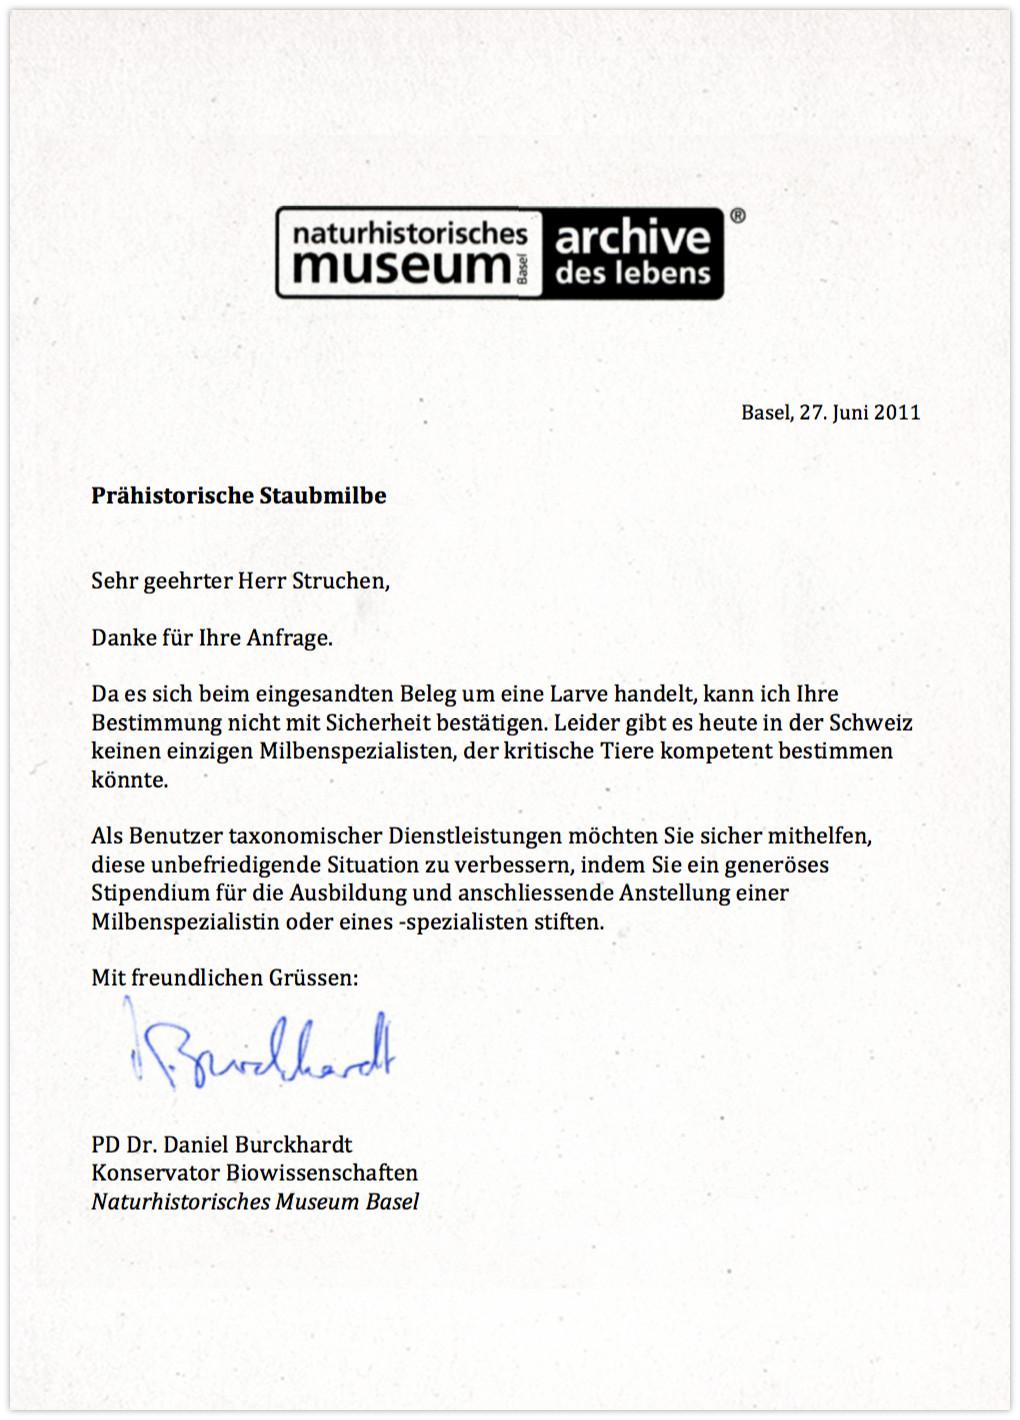 Naturhistorisches Museum - Antwort